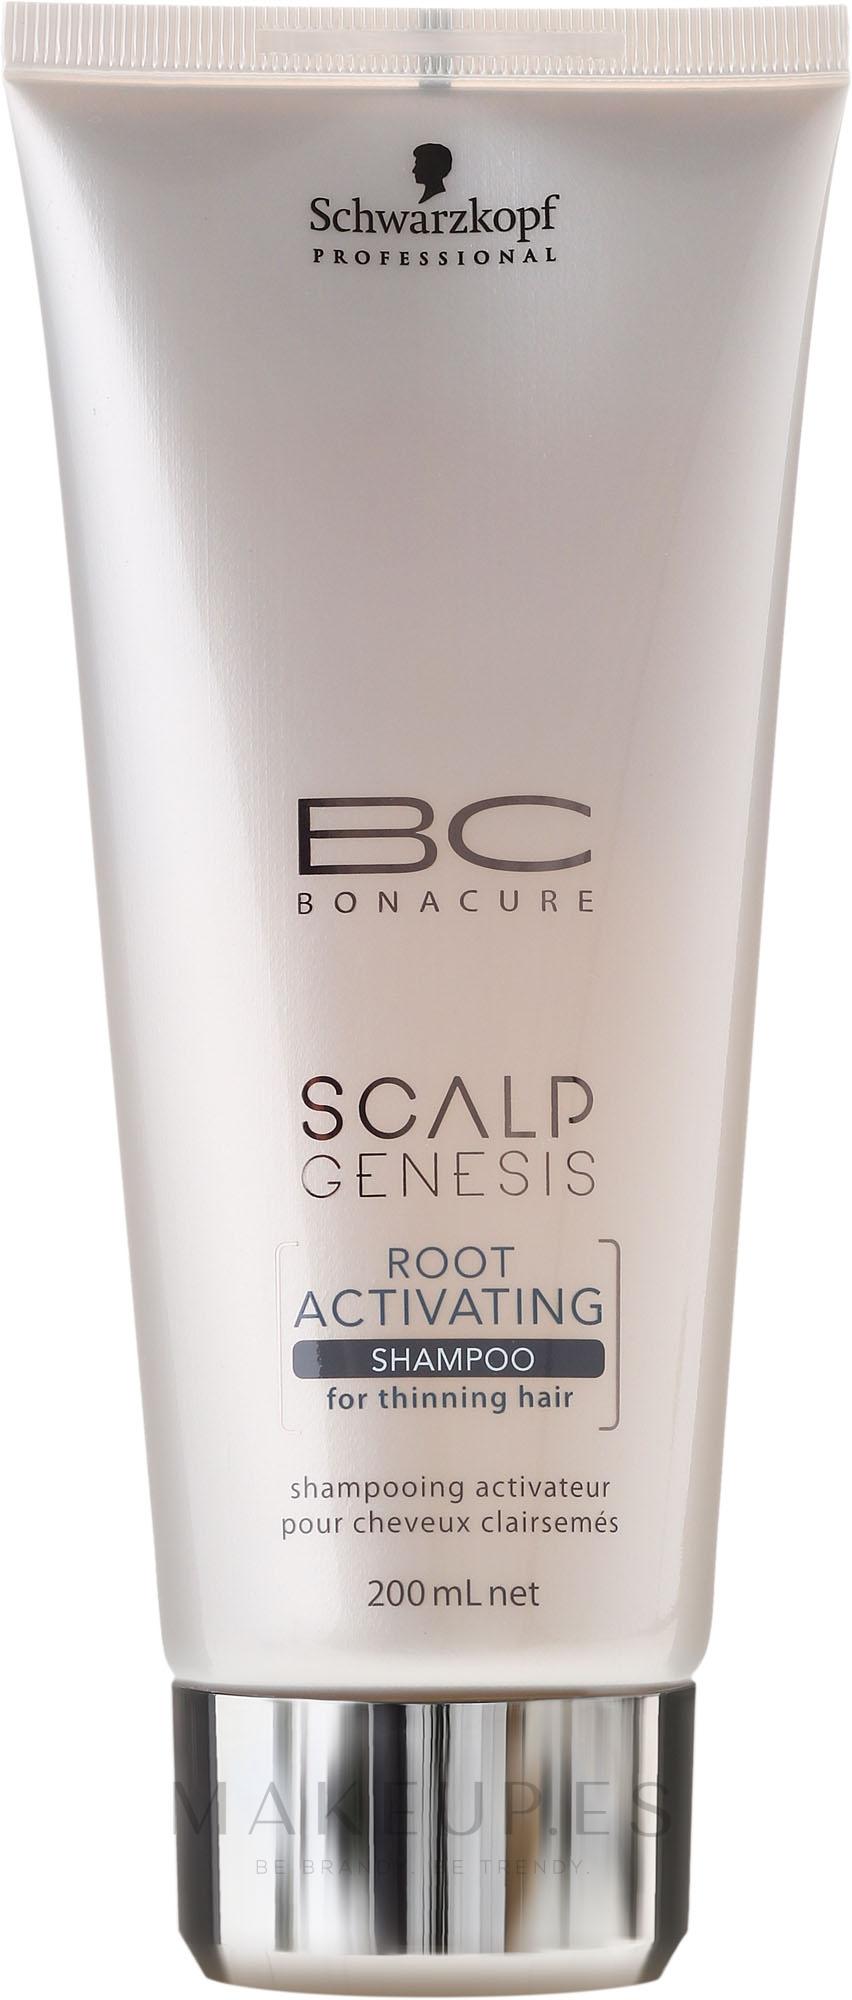 Champú activador de raíces anticaída con tartrato de carnitina, taurina y equinácea - Schwarzkopf Professional BC Bonacure Scalp Genesis Root Activating Shampoo — imagen 200 ml